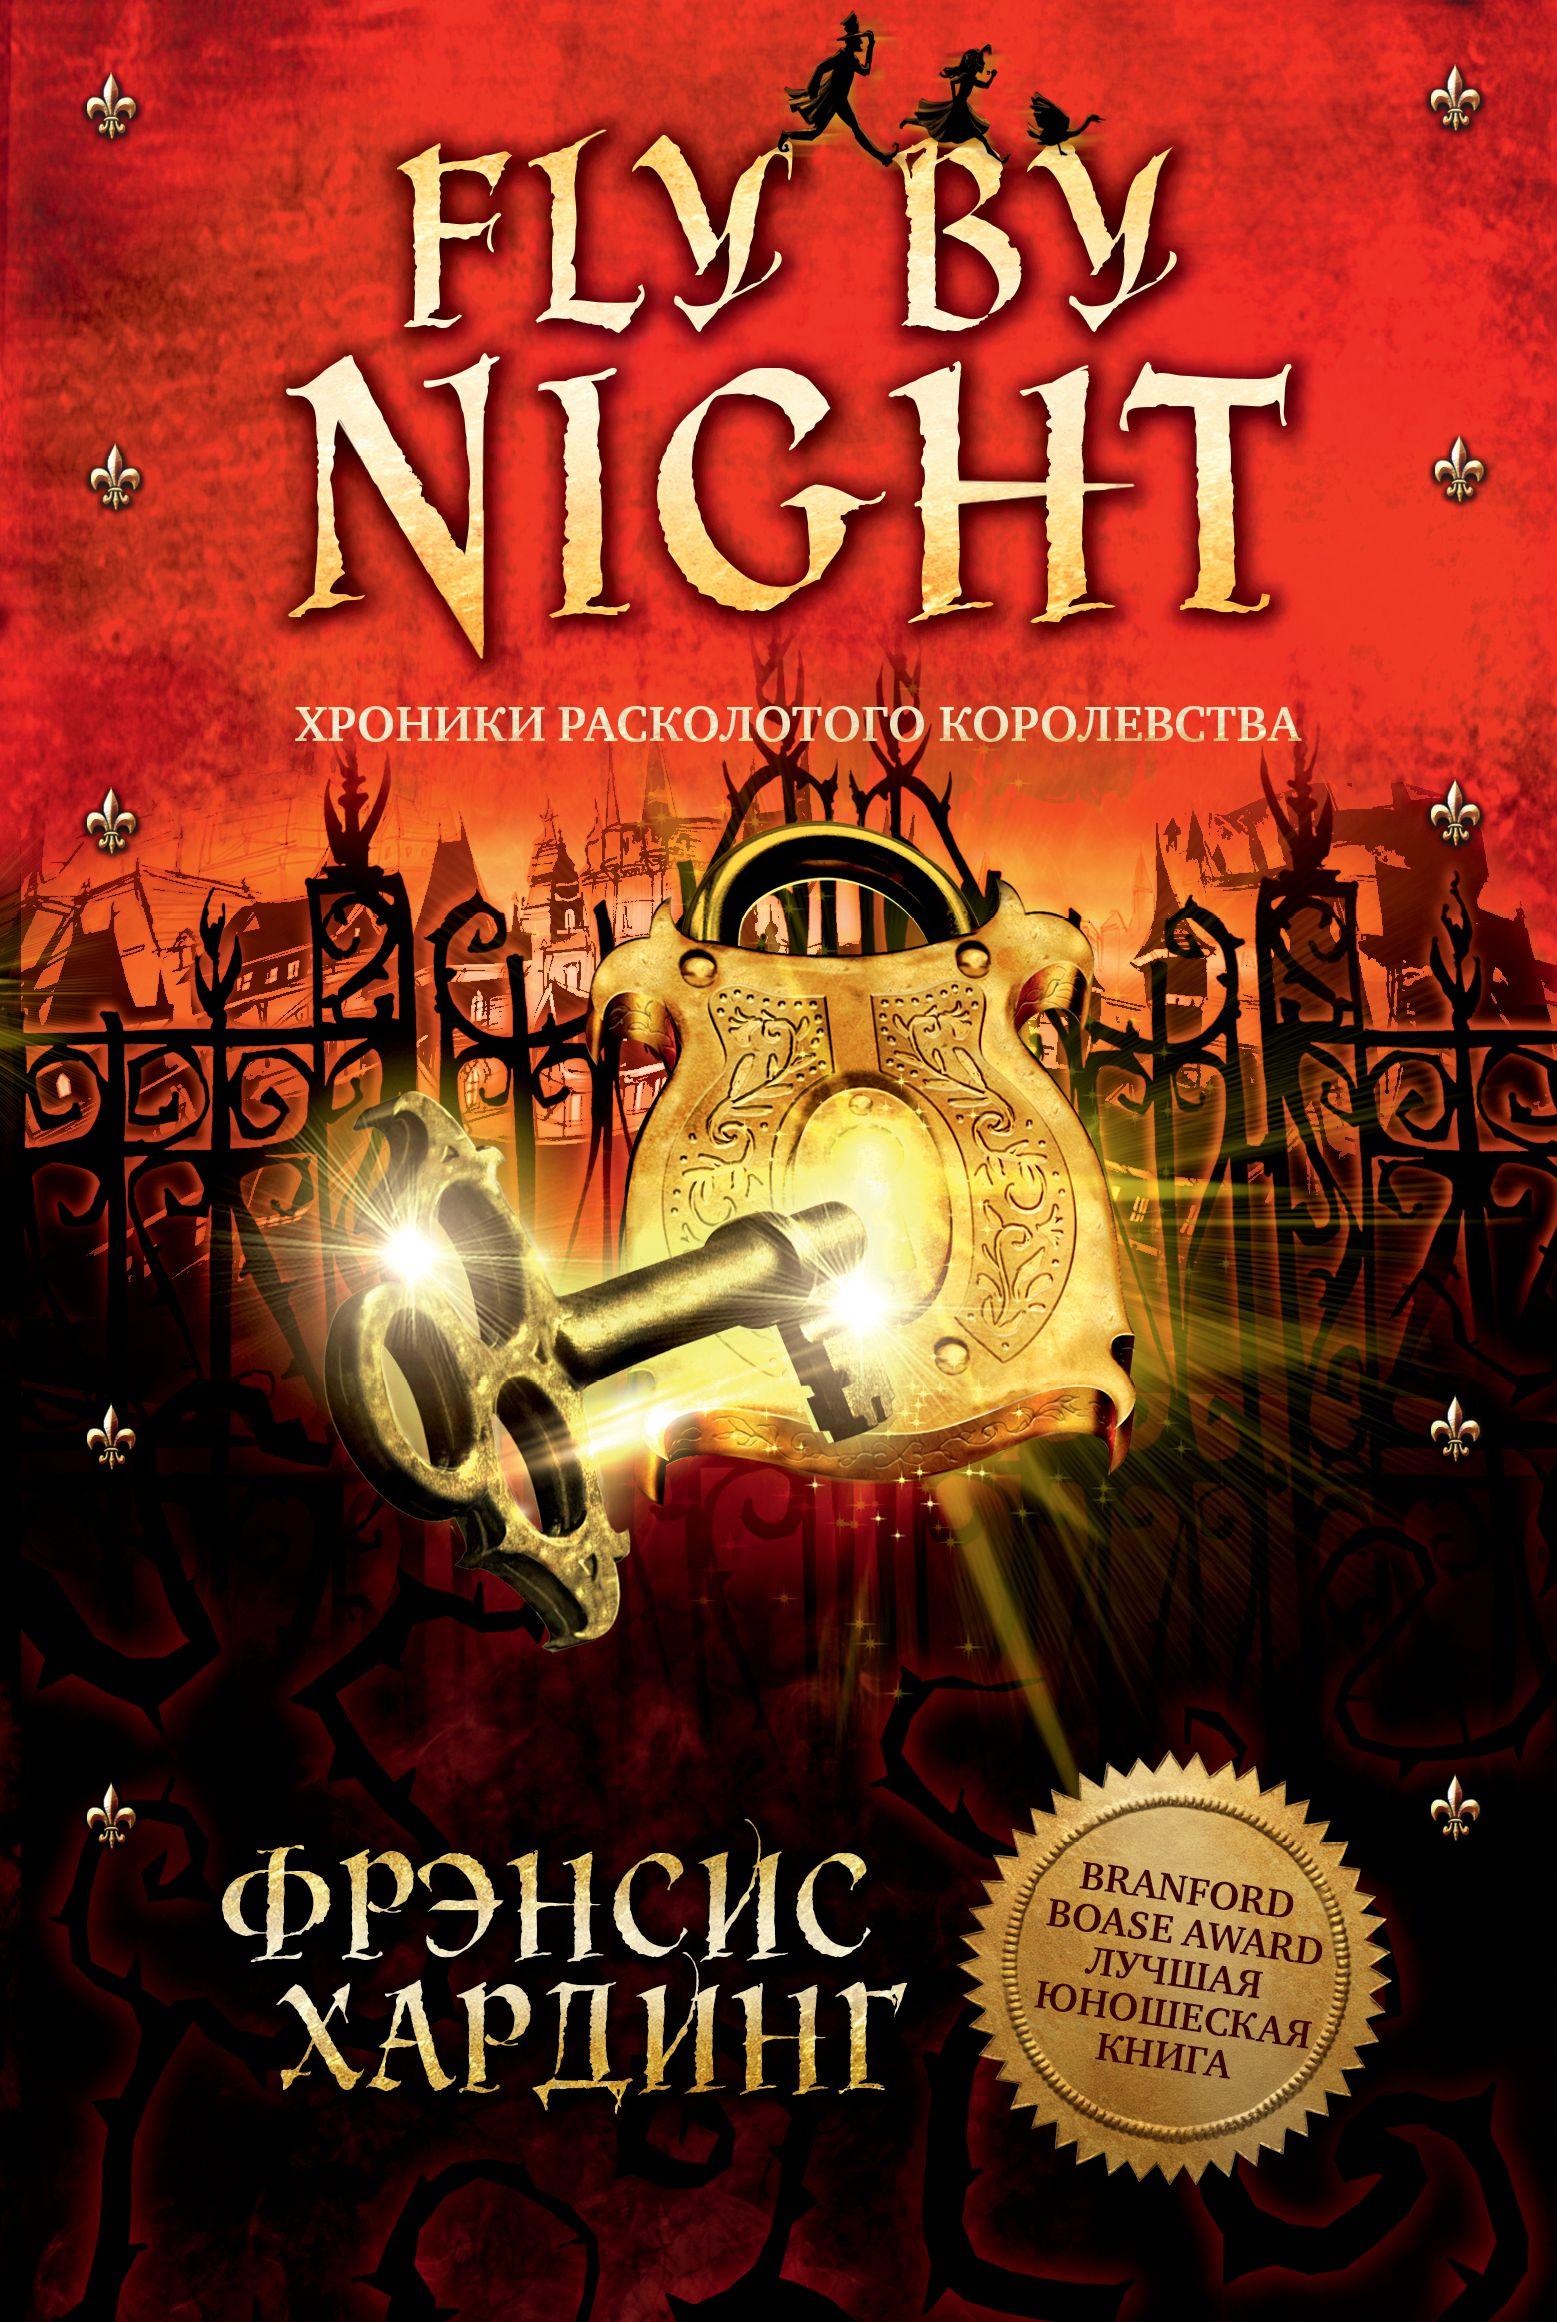 Фрэнсис Хардинг «Fly By Night: Хроники Расколотого королевства»